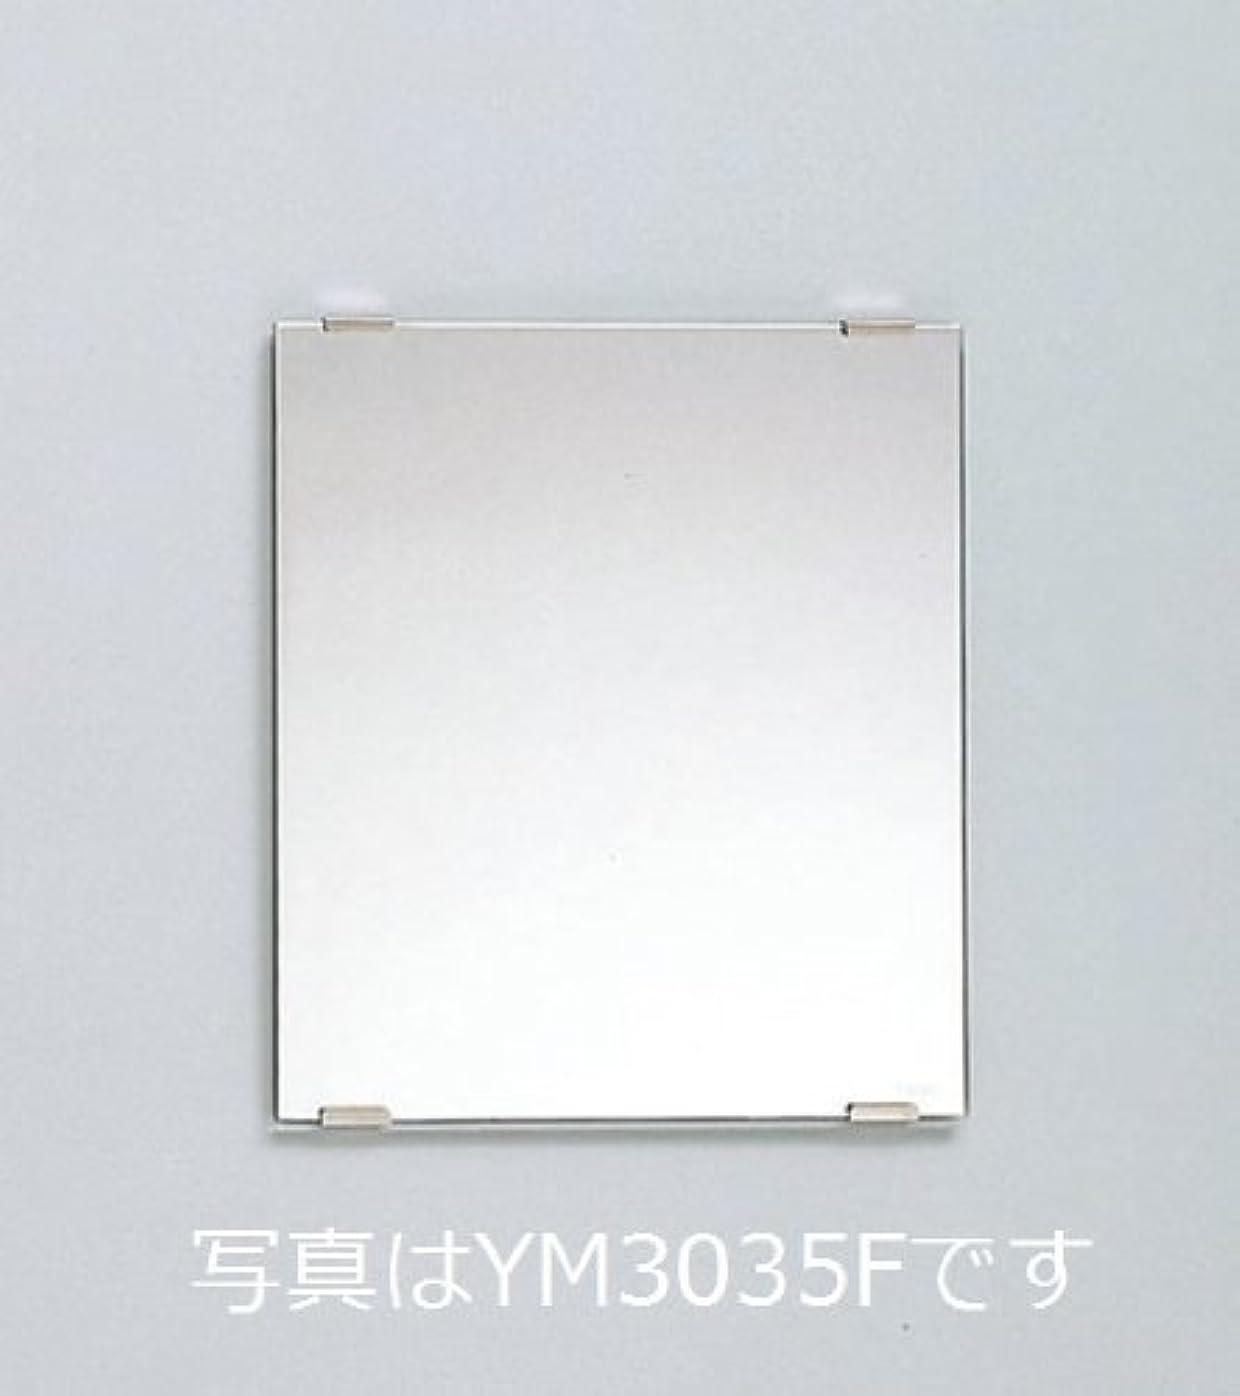 そよ風ナチュラル間欠TOTO 化粧鏡 YM3560F 耐食鏡 角型 350×600(mm)